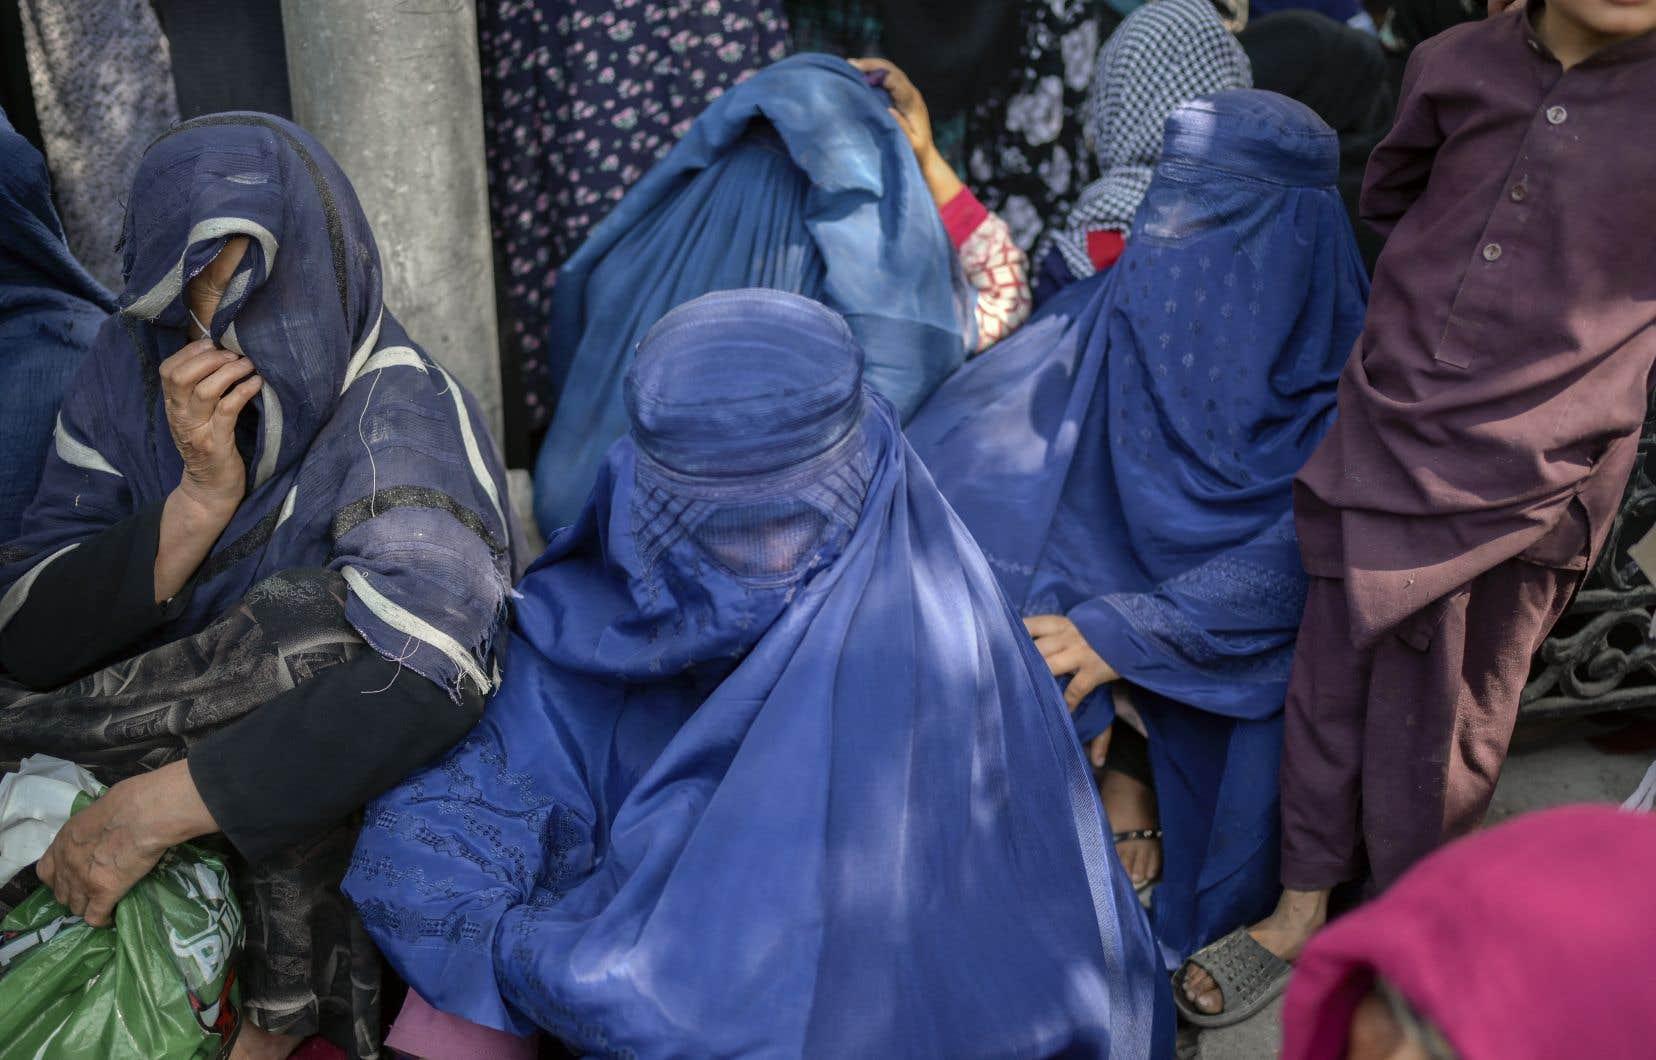 Le FMI avait annoncé le 18août qu'il suspendait les aides en faveur de l'Afghanistan après la prise de contrôle du pays par les talibans.